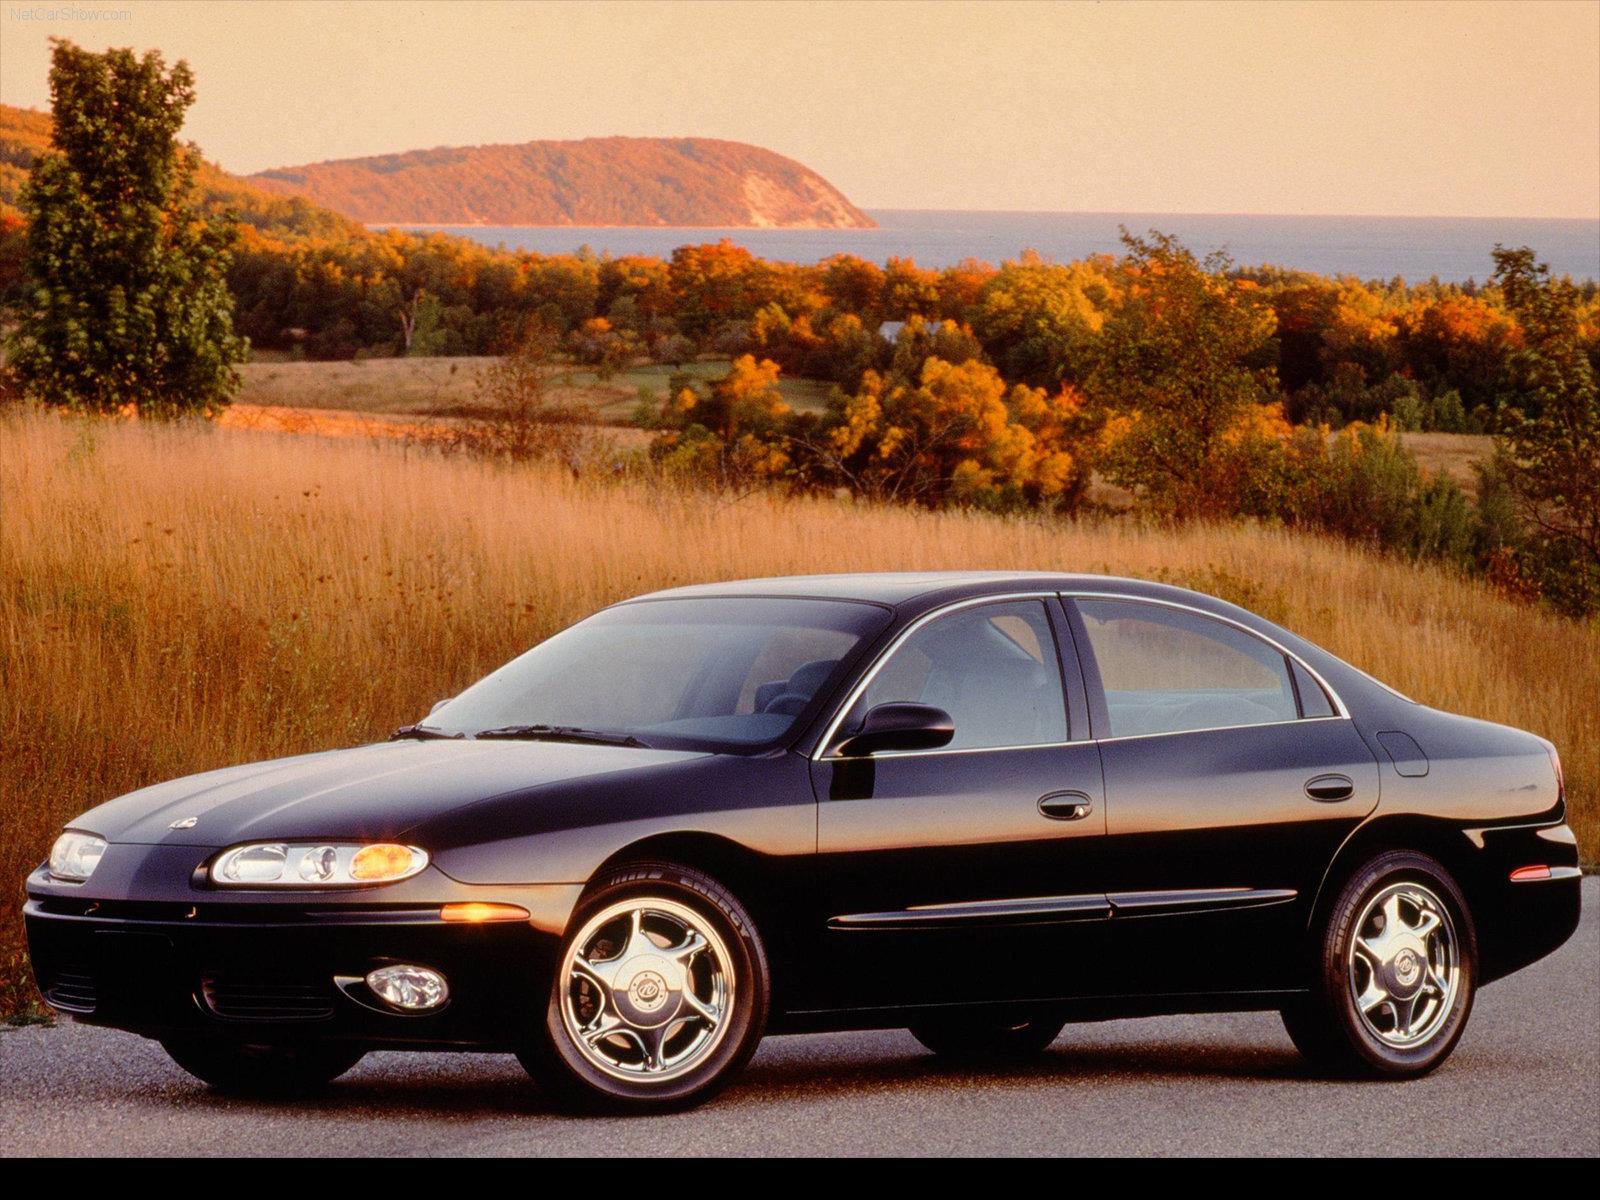 Hình ảnh xe ô tô Oldsmobile Aurora 2001 & nội ngoại thất